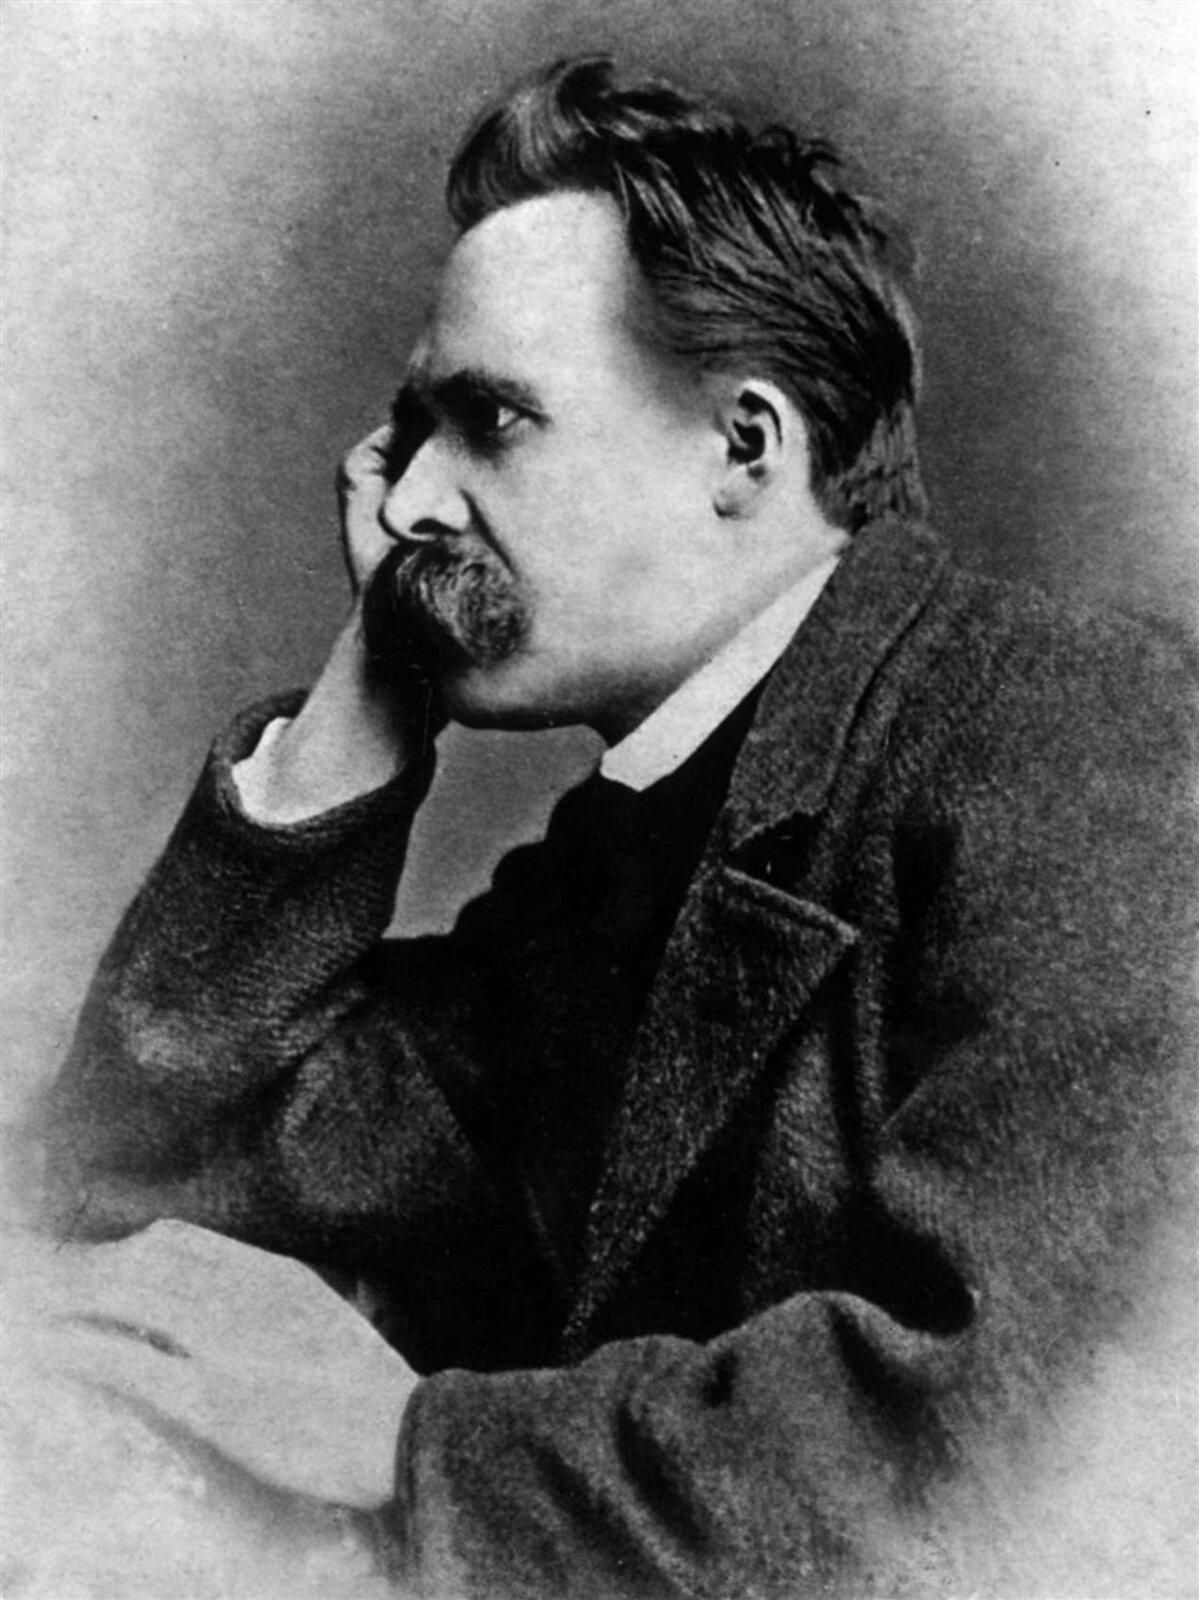 Portret Friedricha Nietzschego Portret Friedricha Nietzschego Źródło: Gustav-Adolf Schultze, 1882, domena publiczna.